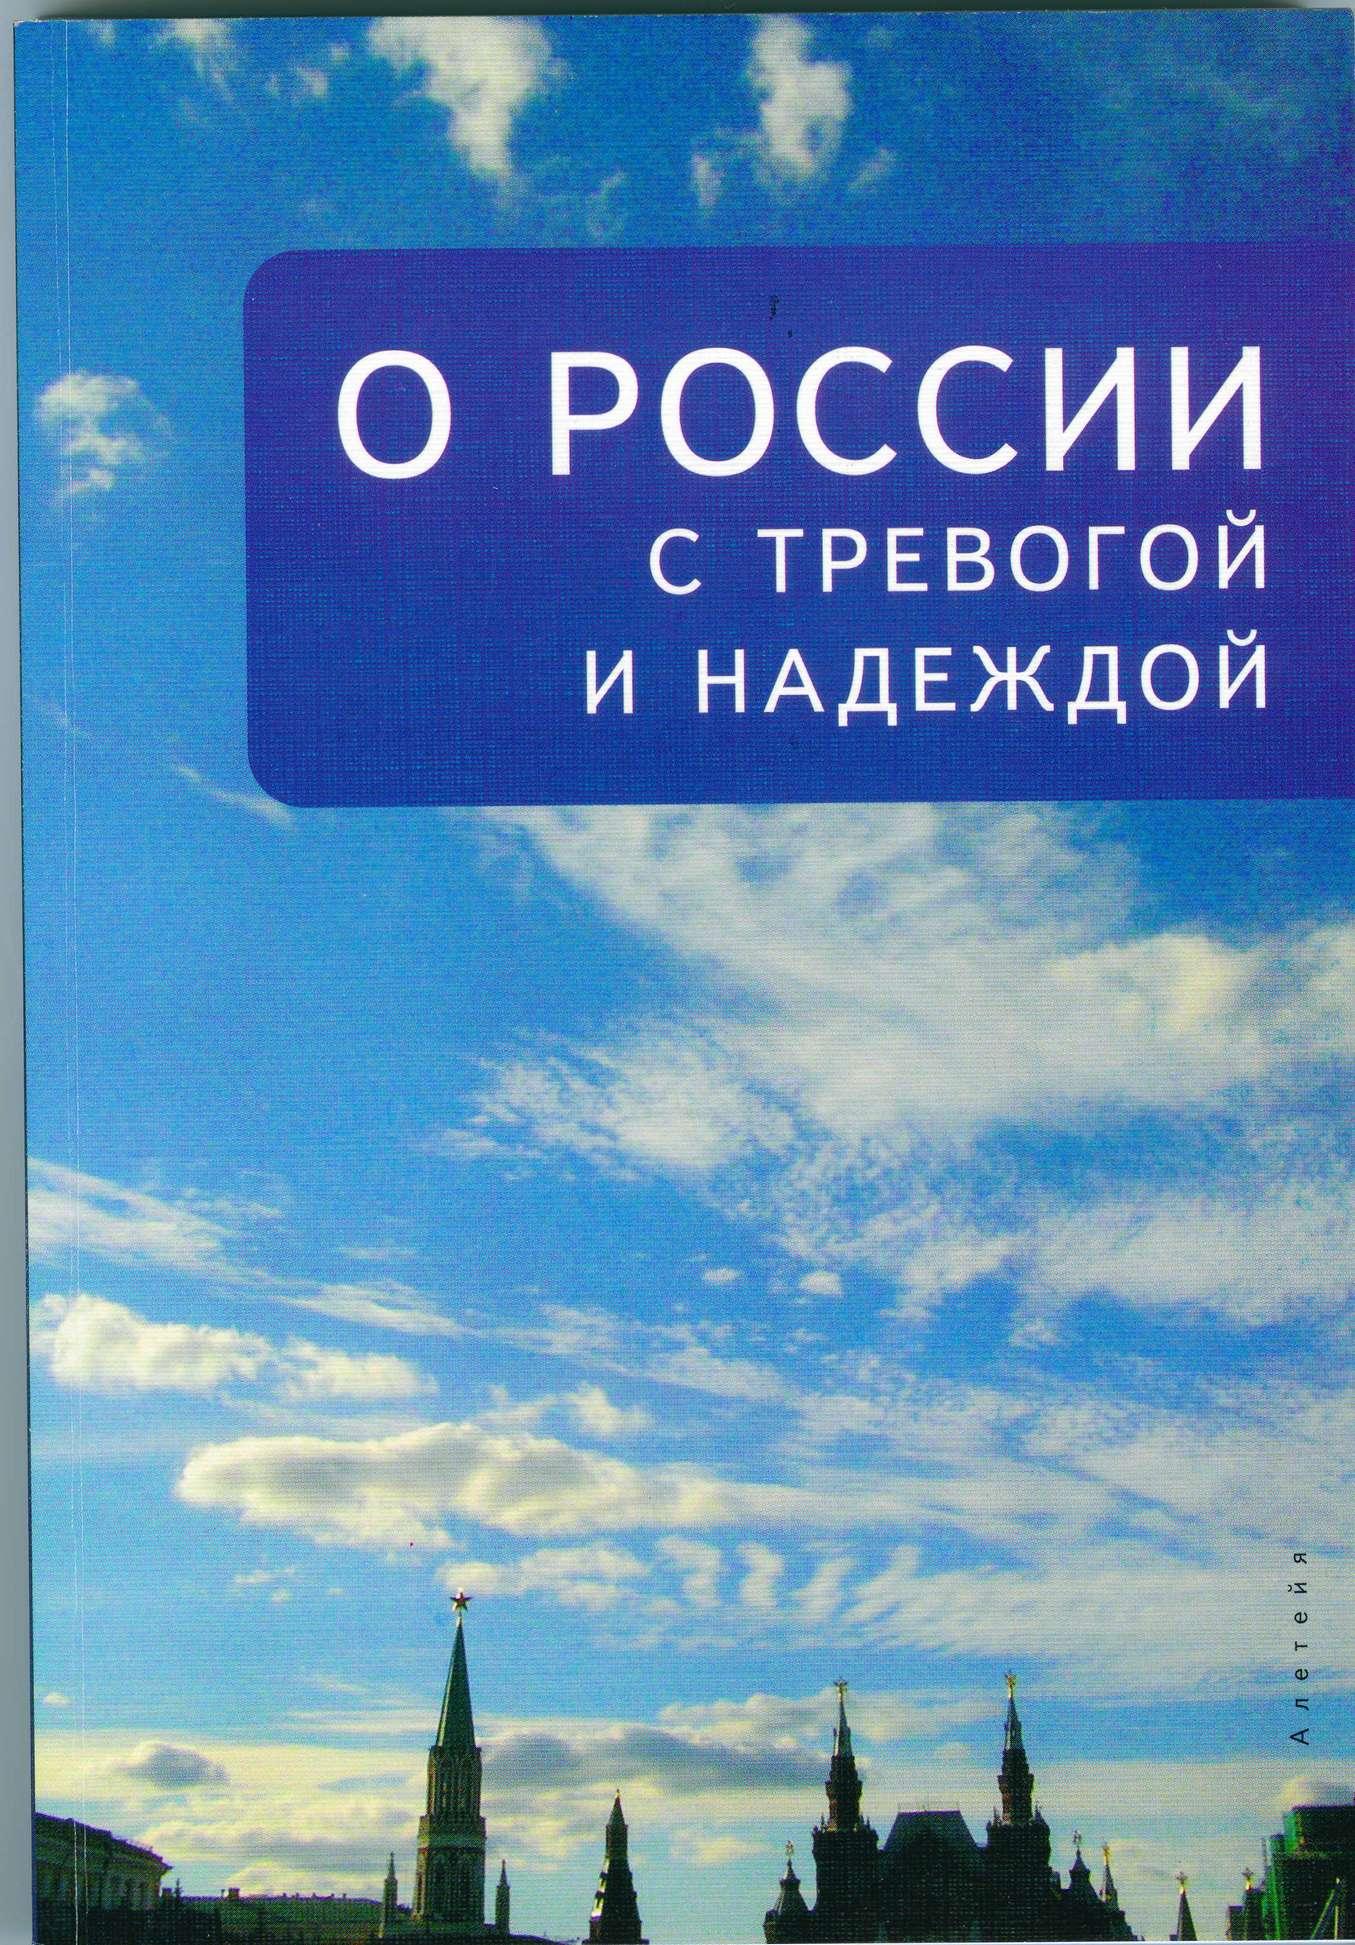 Три века поэзии русского эроса 8 фотография